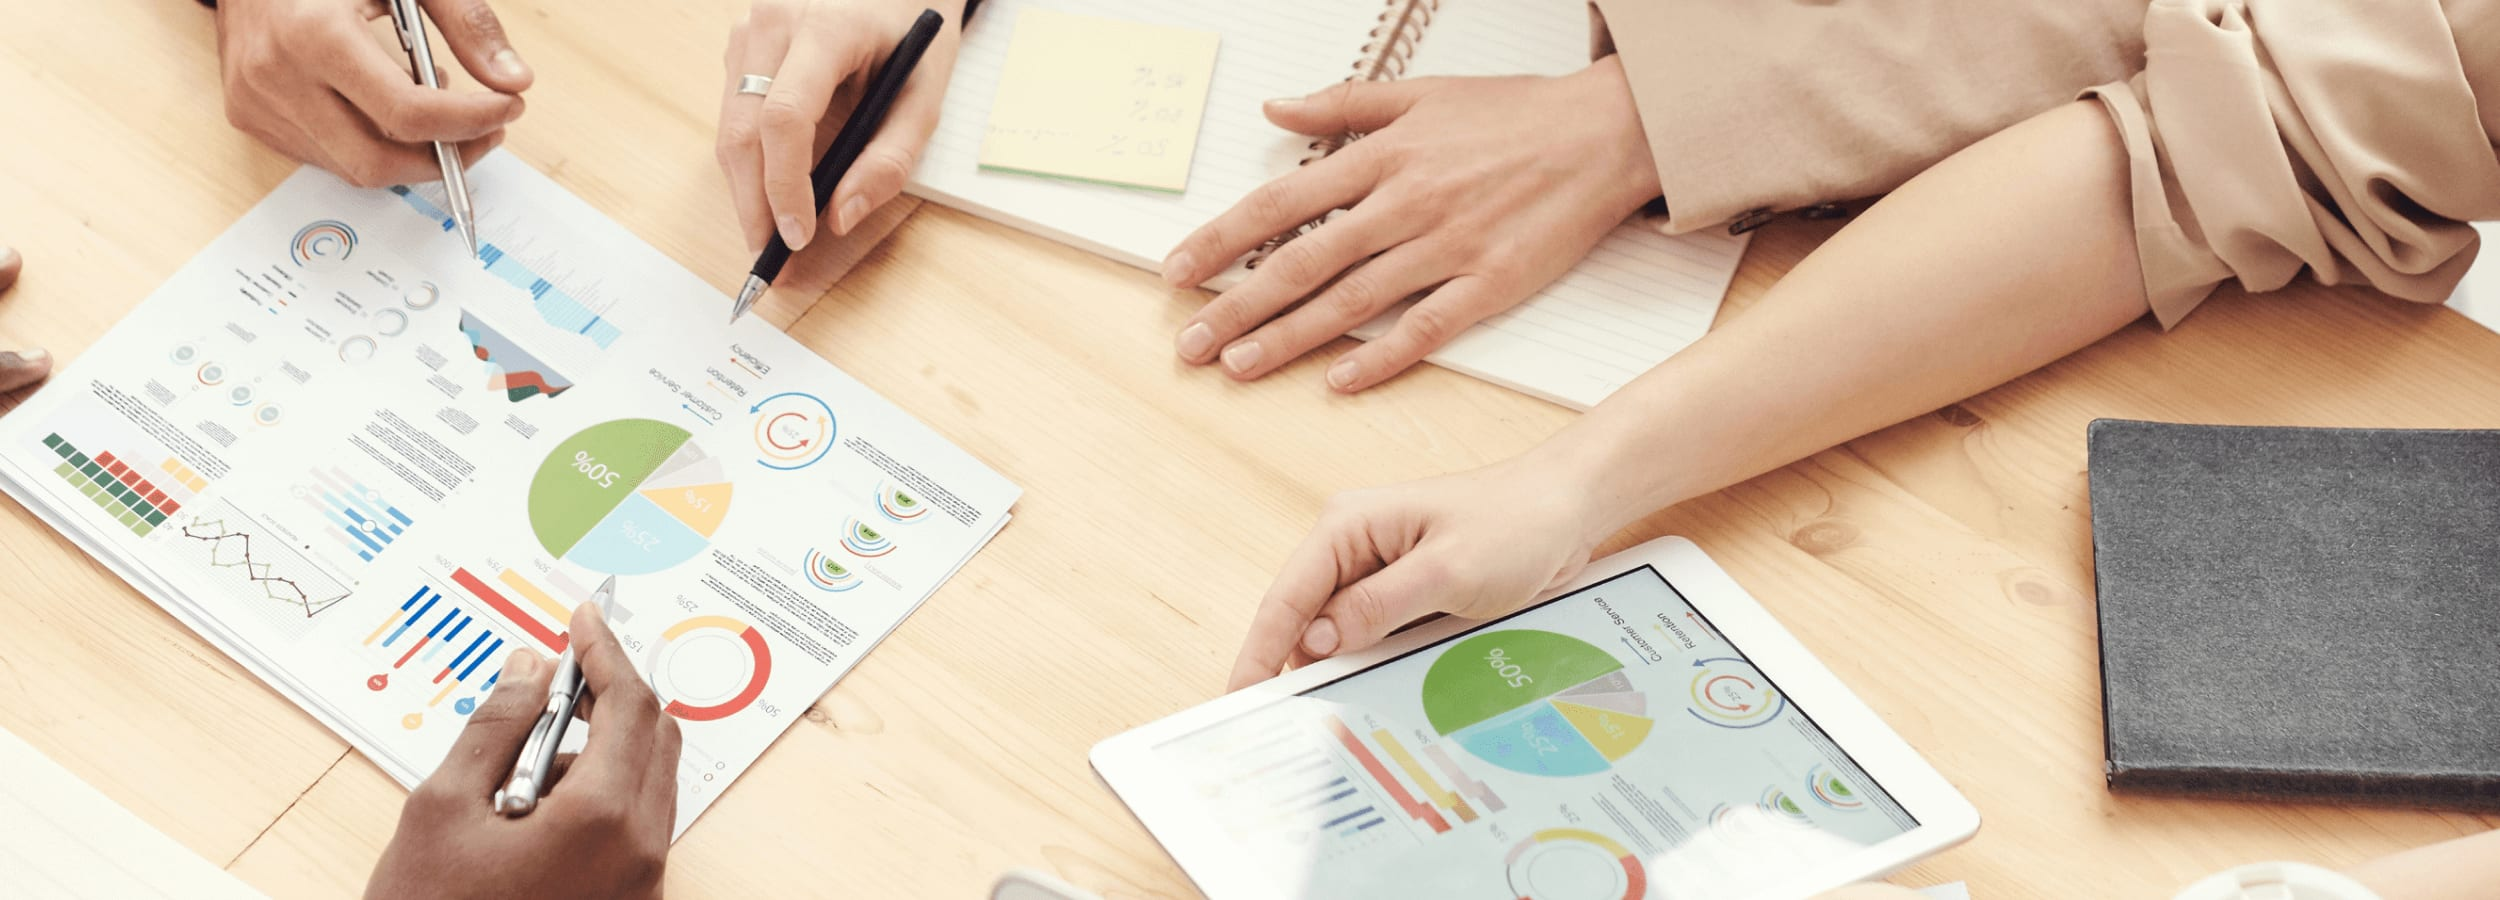 Le guide complet de la création d'entreprise en 3 étapes clés !